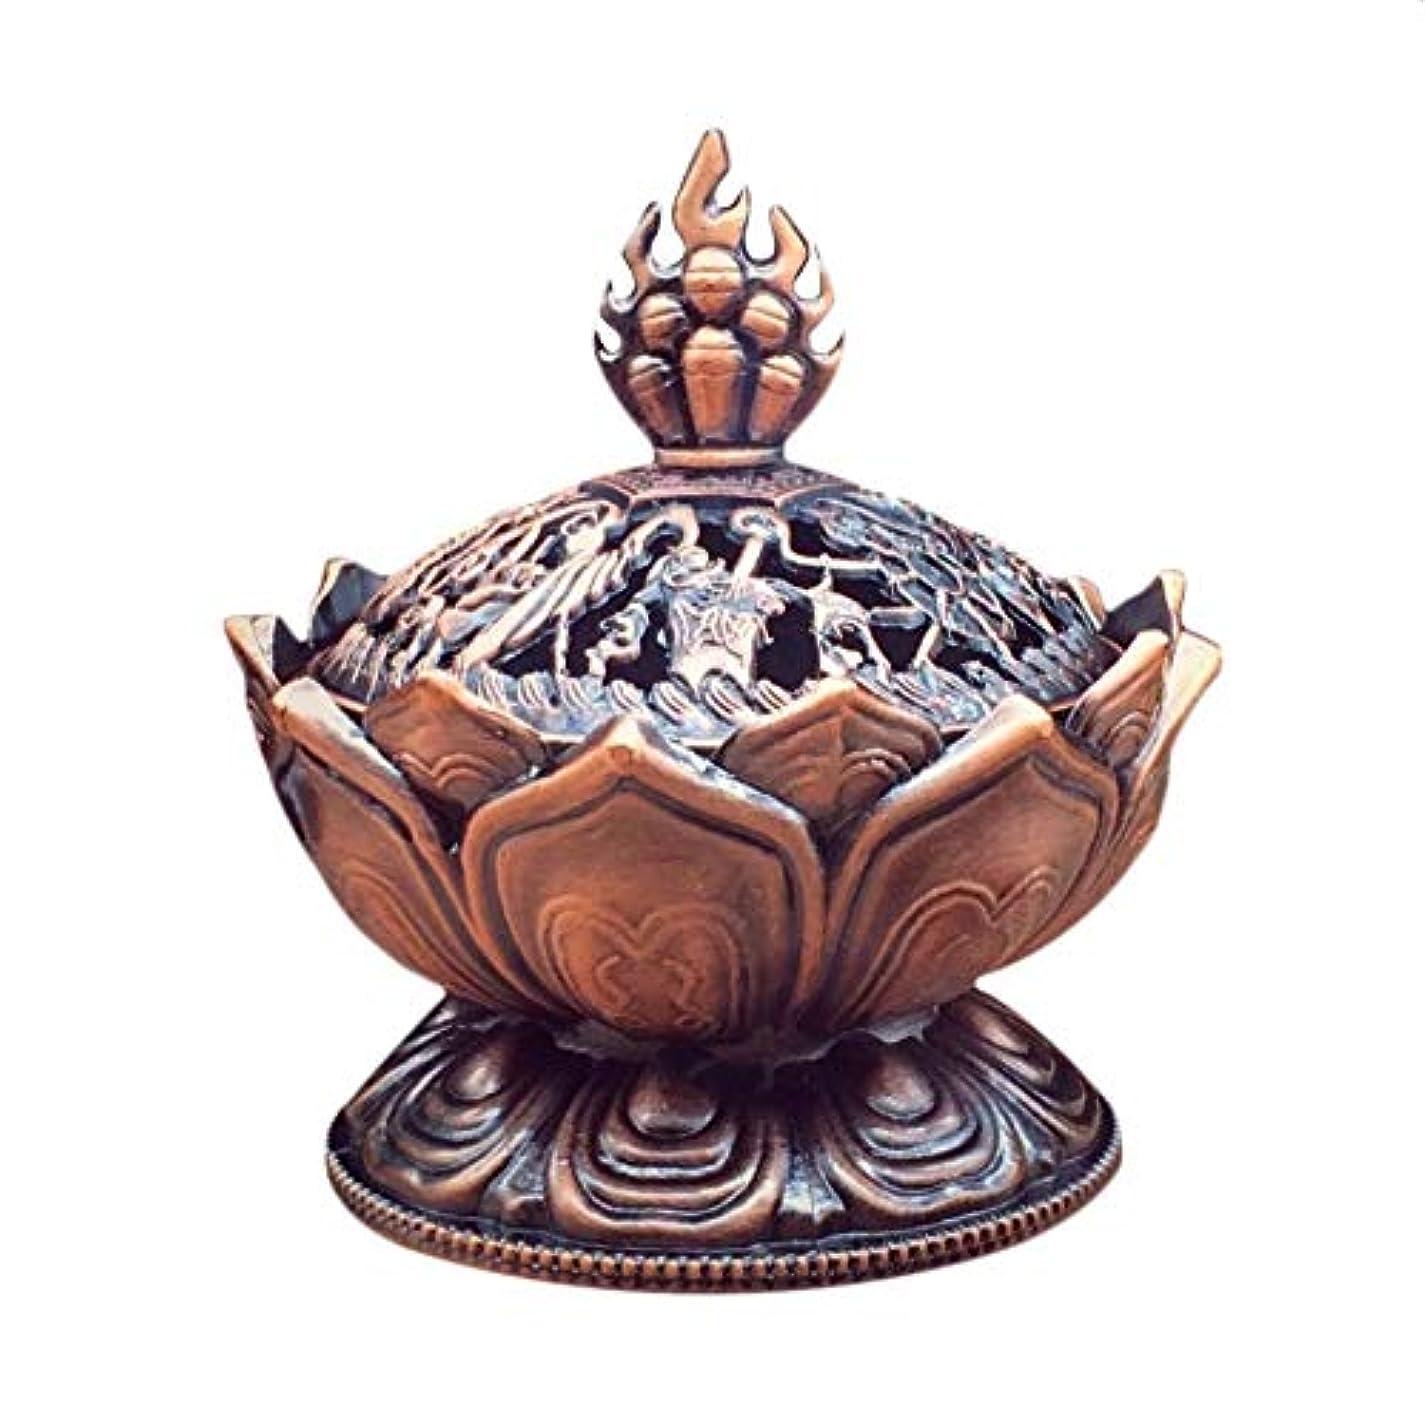 推測普通の聴覚障害者Bonni 聖チベットロータスデザイン香炉亜鉛合金ブロンズミニ香炉香炉金属工芸家の装飾